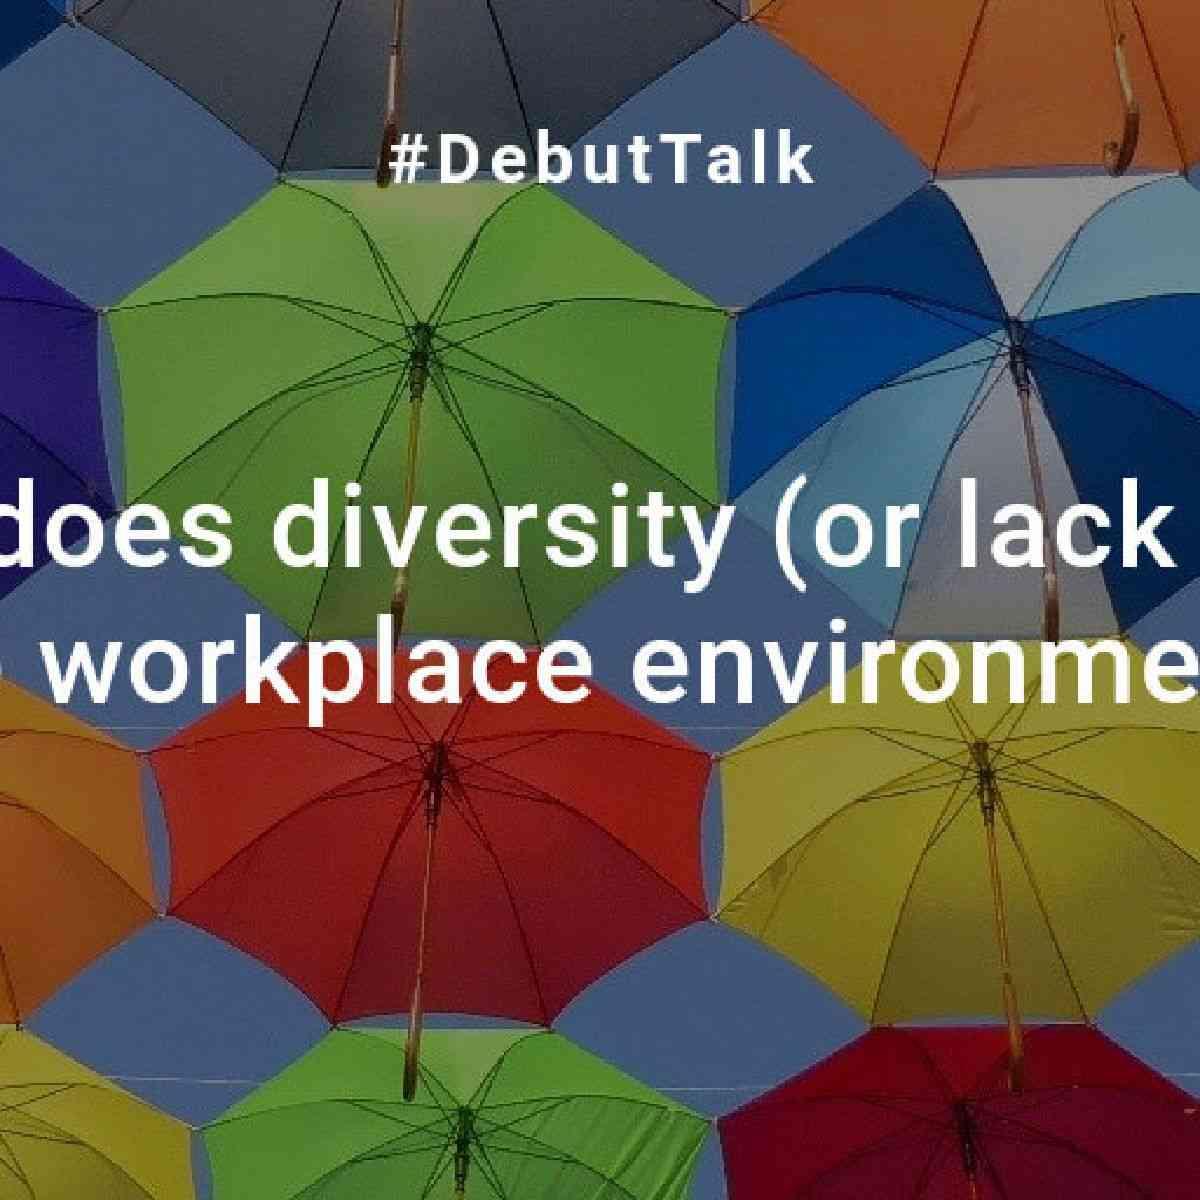 DebutTalk5-Q1: Diversity